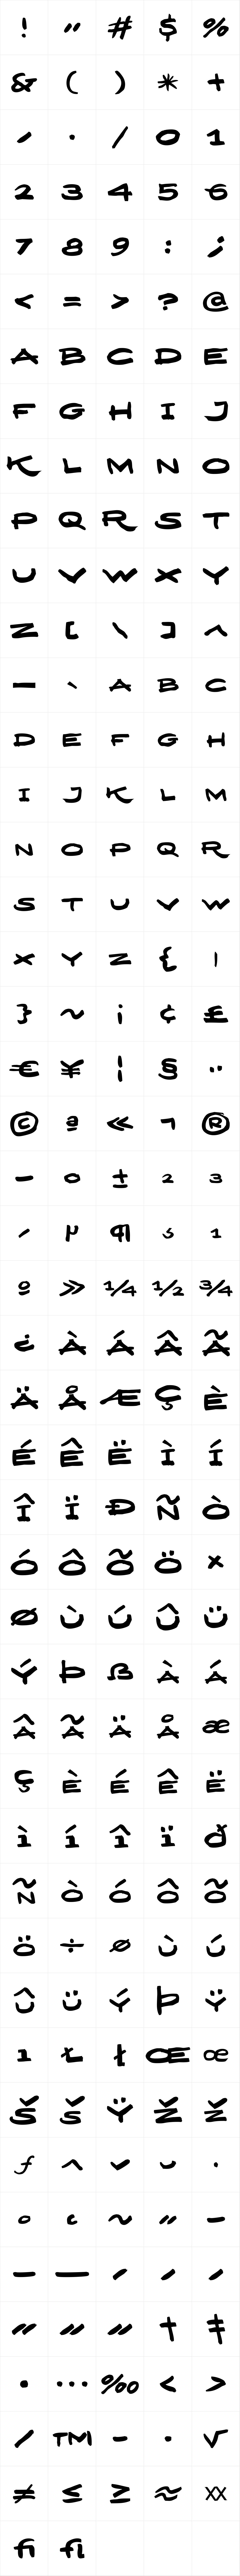 Designer Script Caps